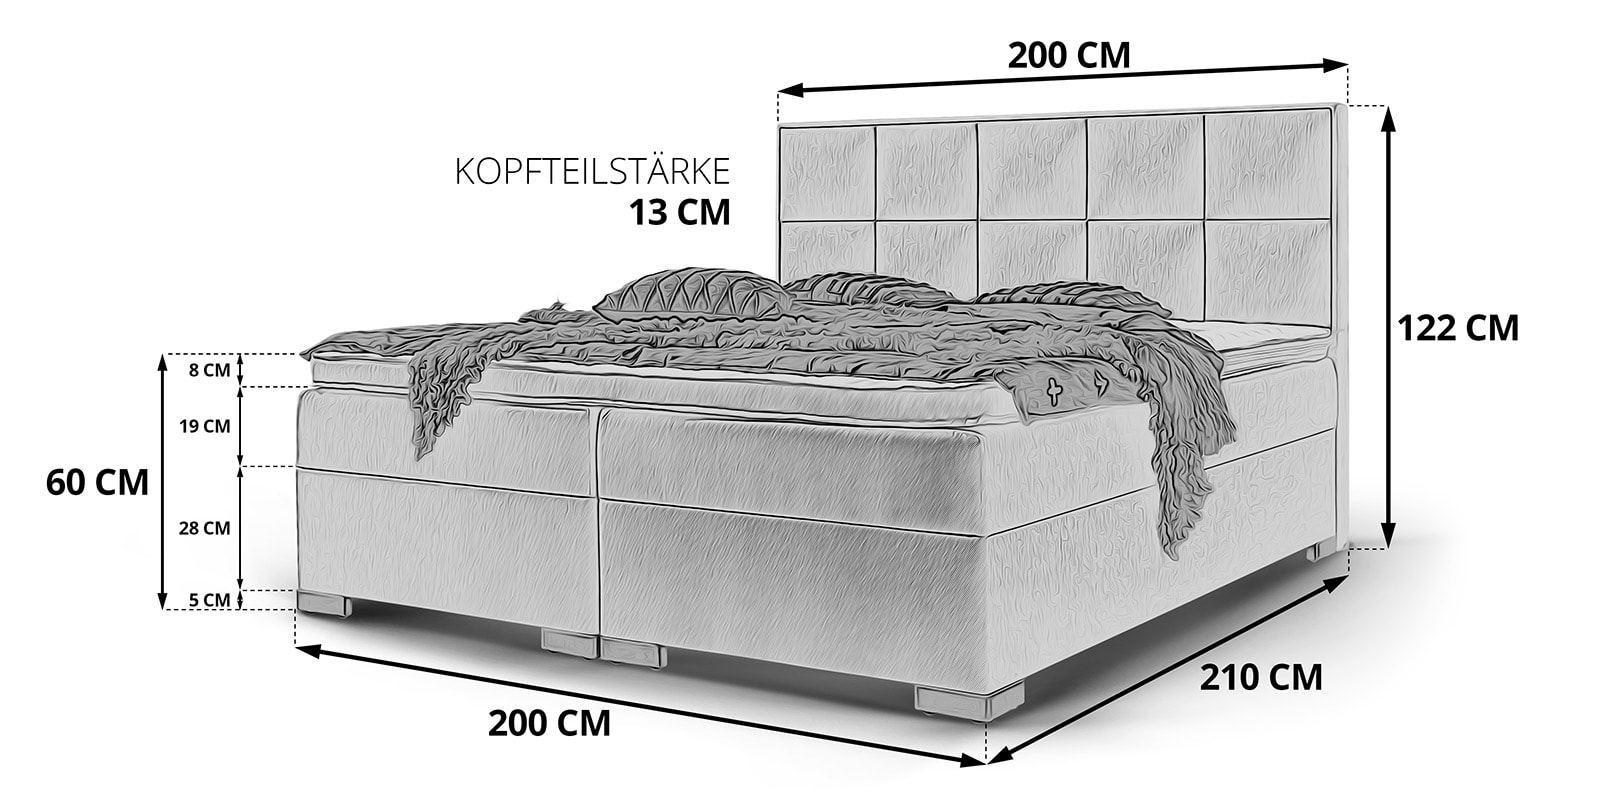 Full Size of Ebay Betten 180x200 Berlin Bonprix 90x200 Bett 80x200 Bettkasten 200x200 Weiß Schutzgitter 160x220 120x200 Mit Französische Eiche Massiv Amerikanisches Bett Stauraum Bett 200x200